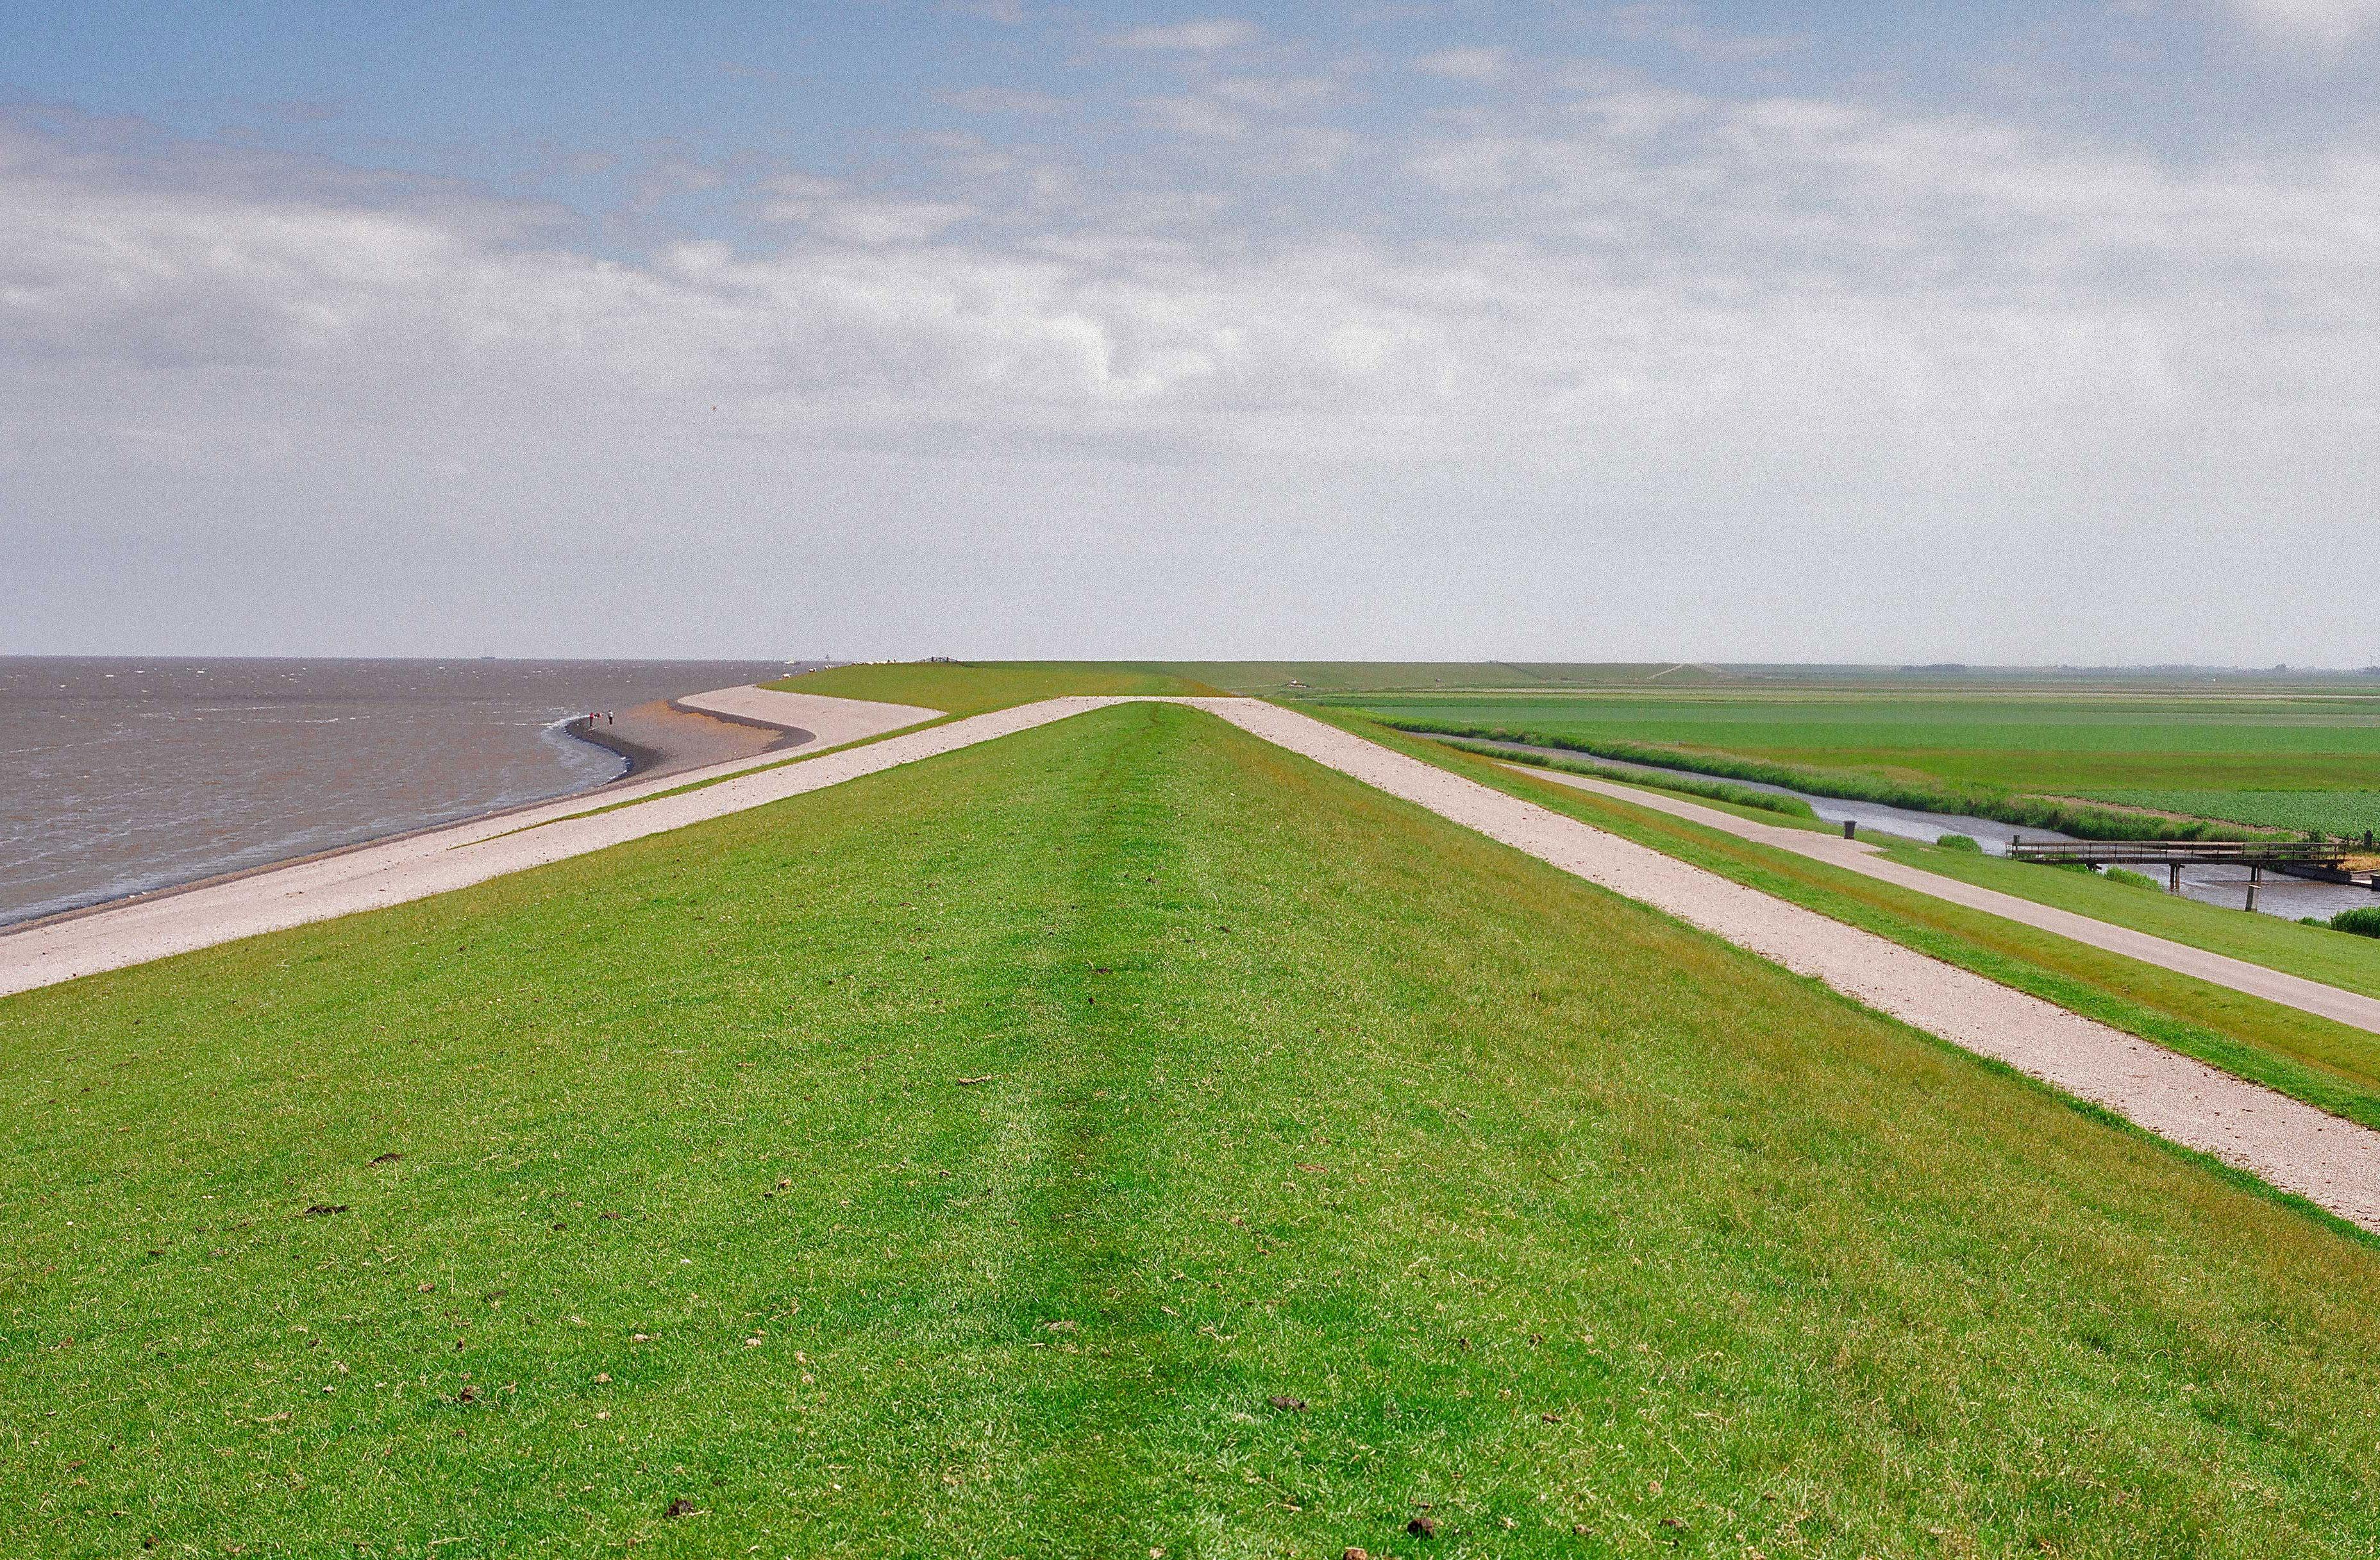 Waddendijk in Friesland